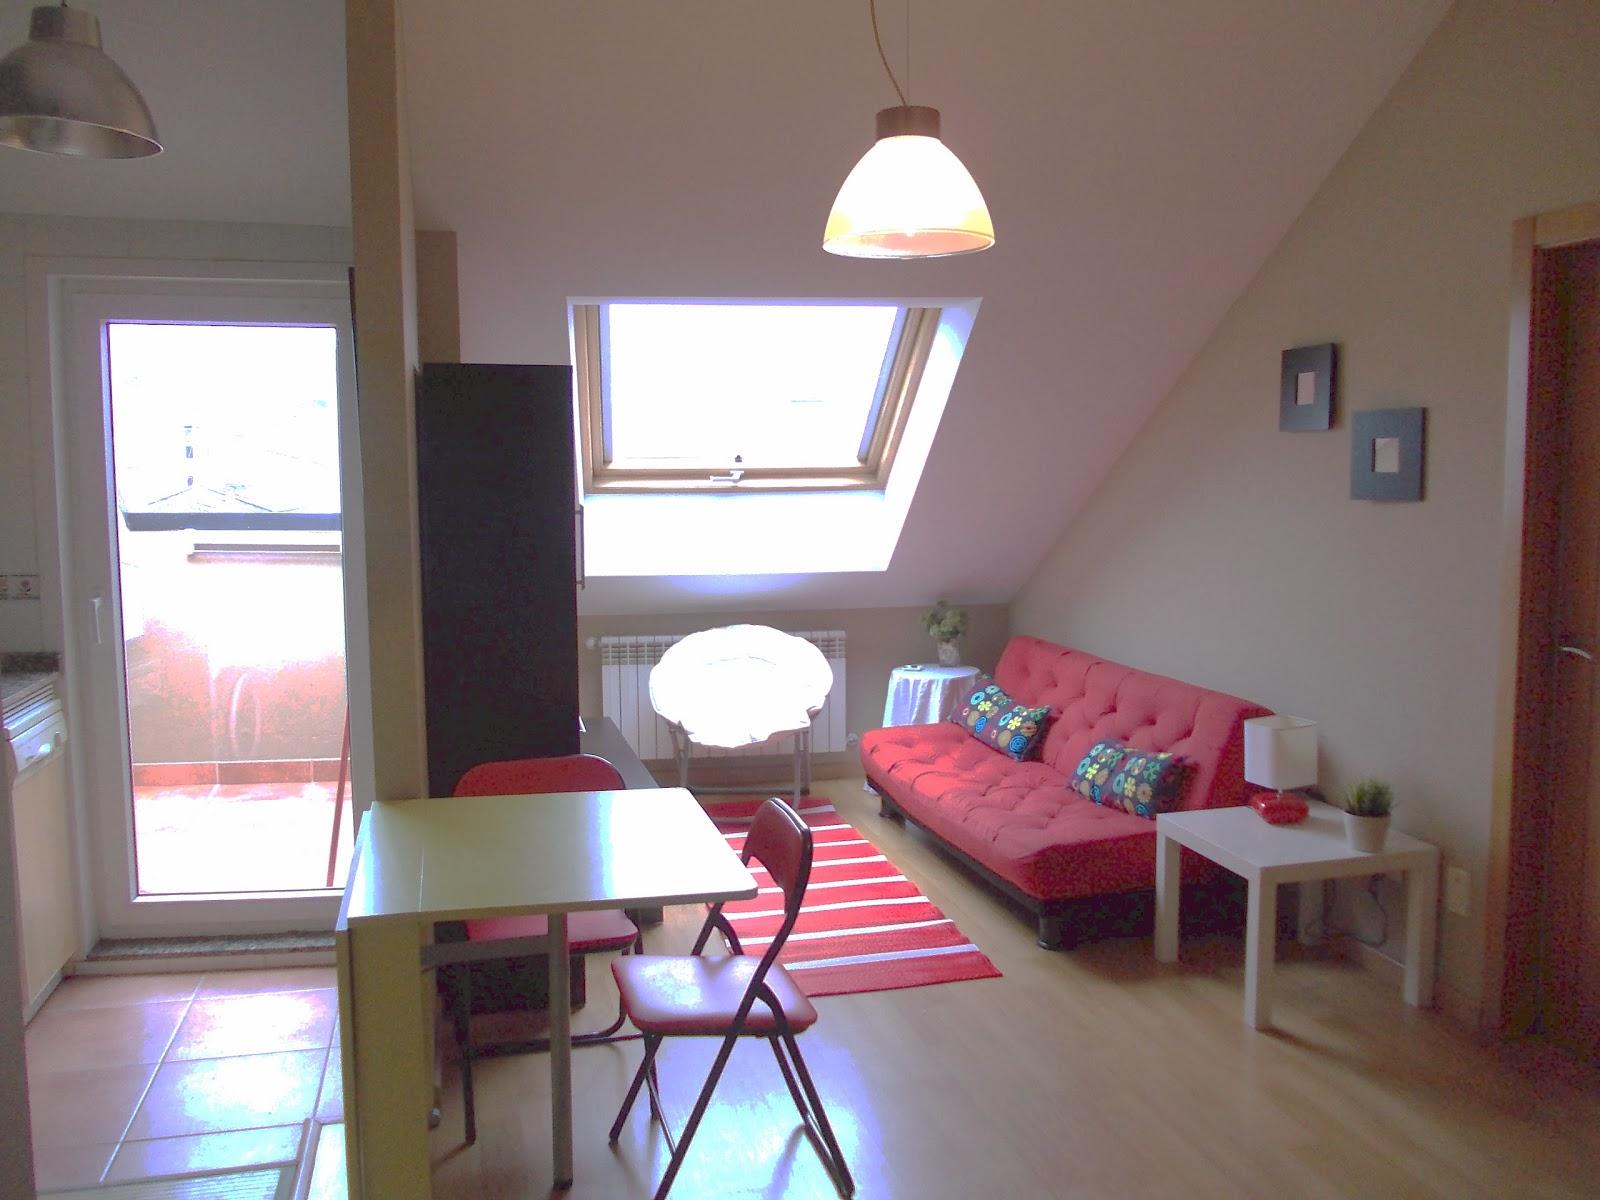 Viviendas coru a viviendas coru a apartamento en alquiler for Alquiler jardines de hercules